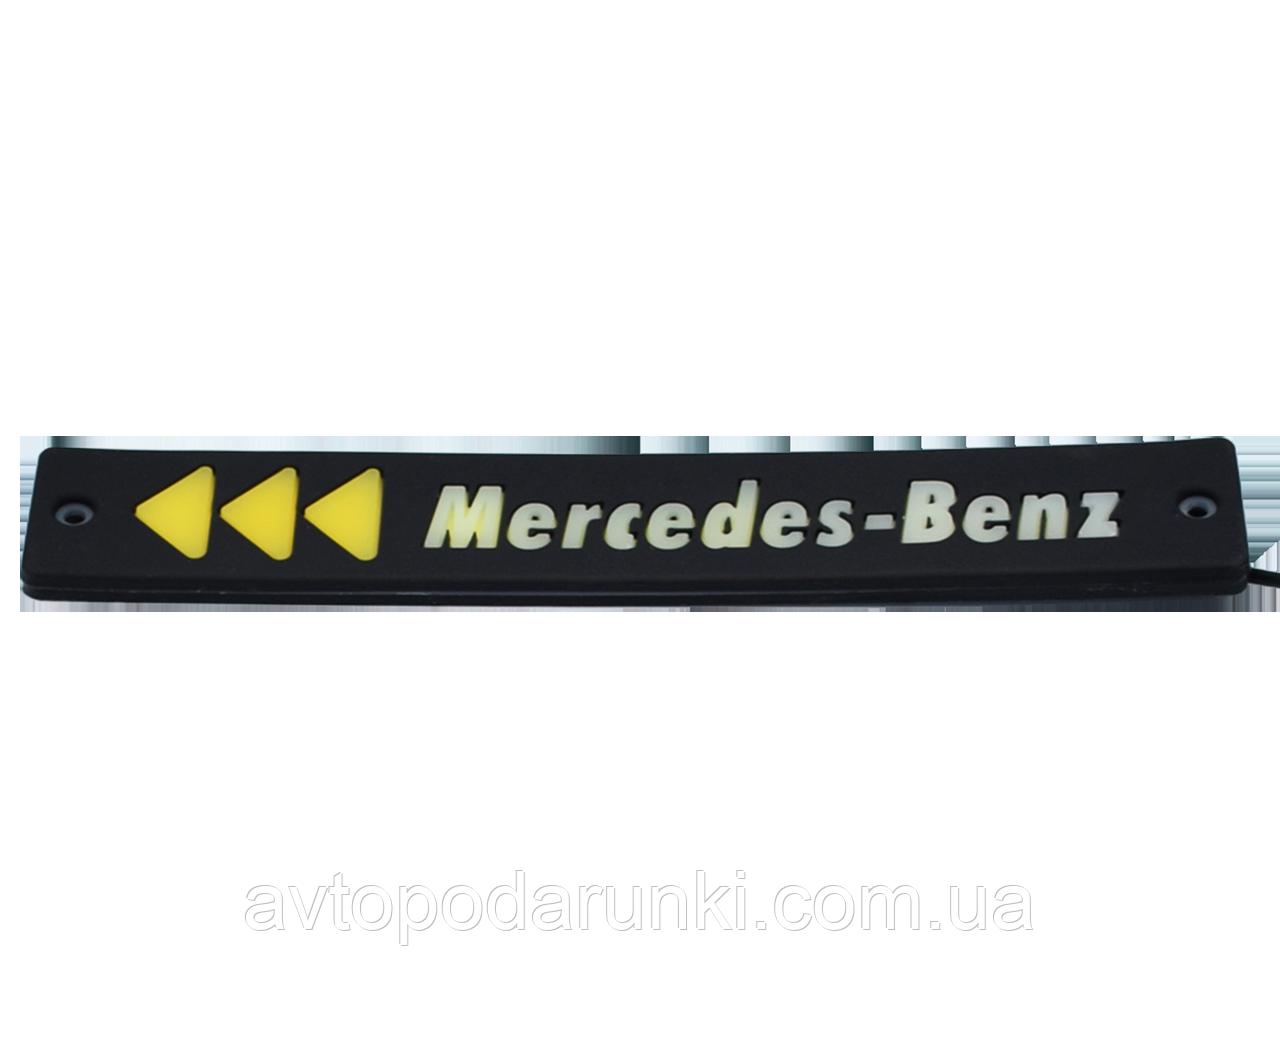 Дневные ходовые огни DRL C6 Mercedes